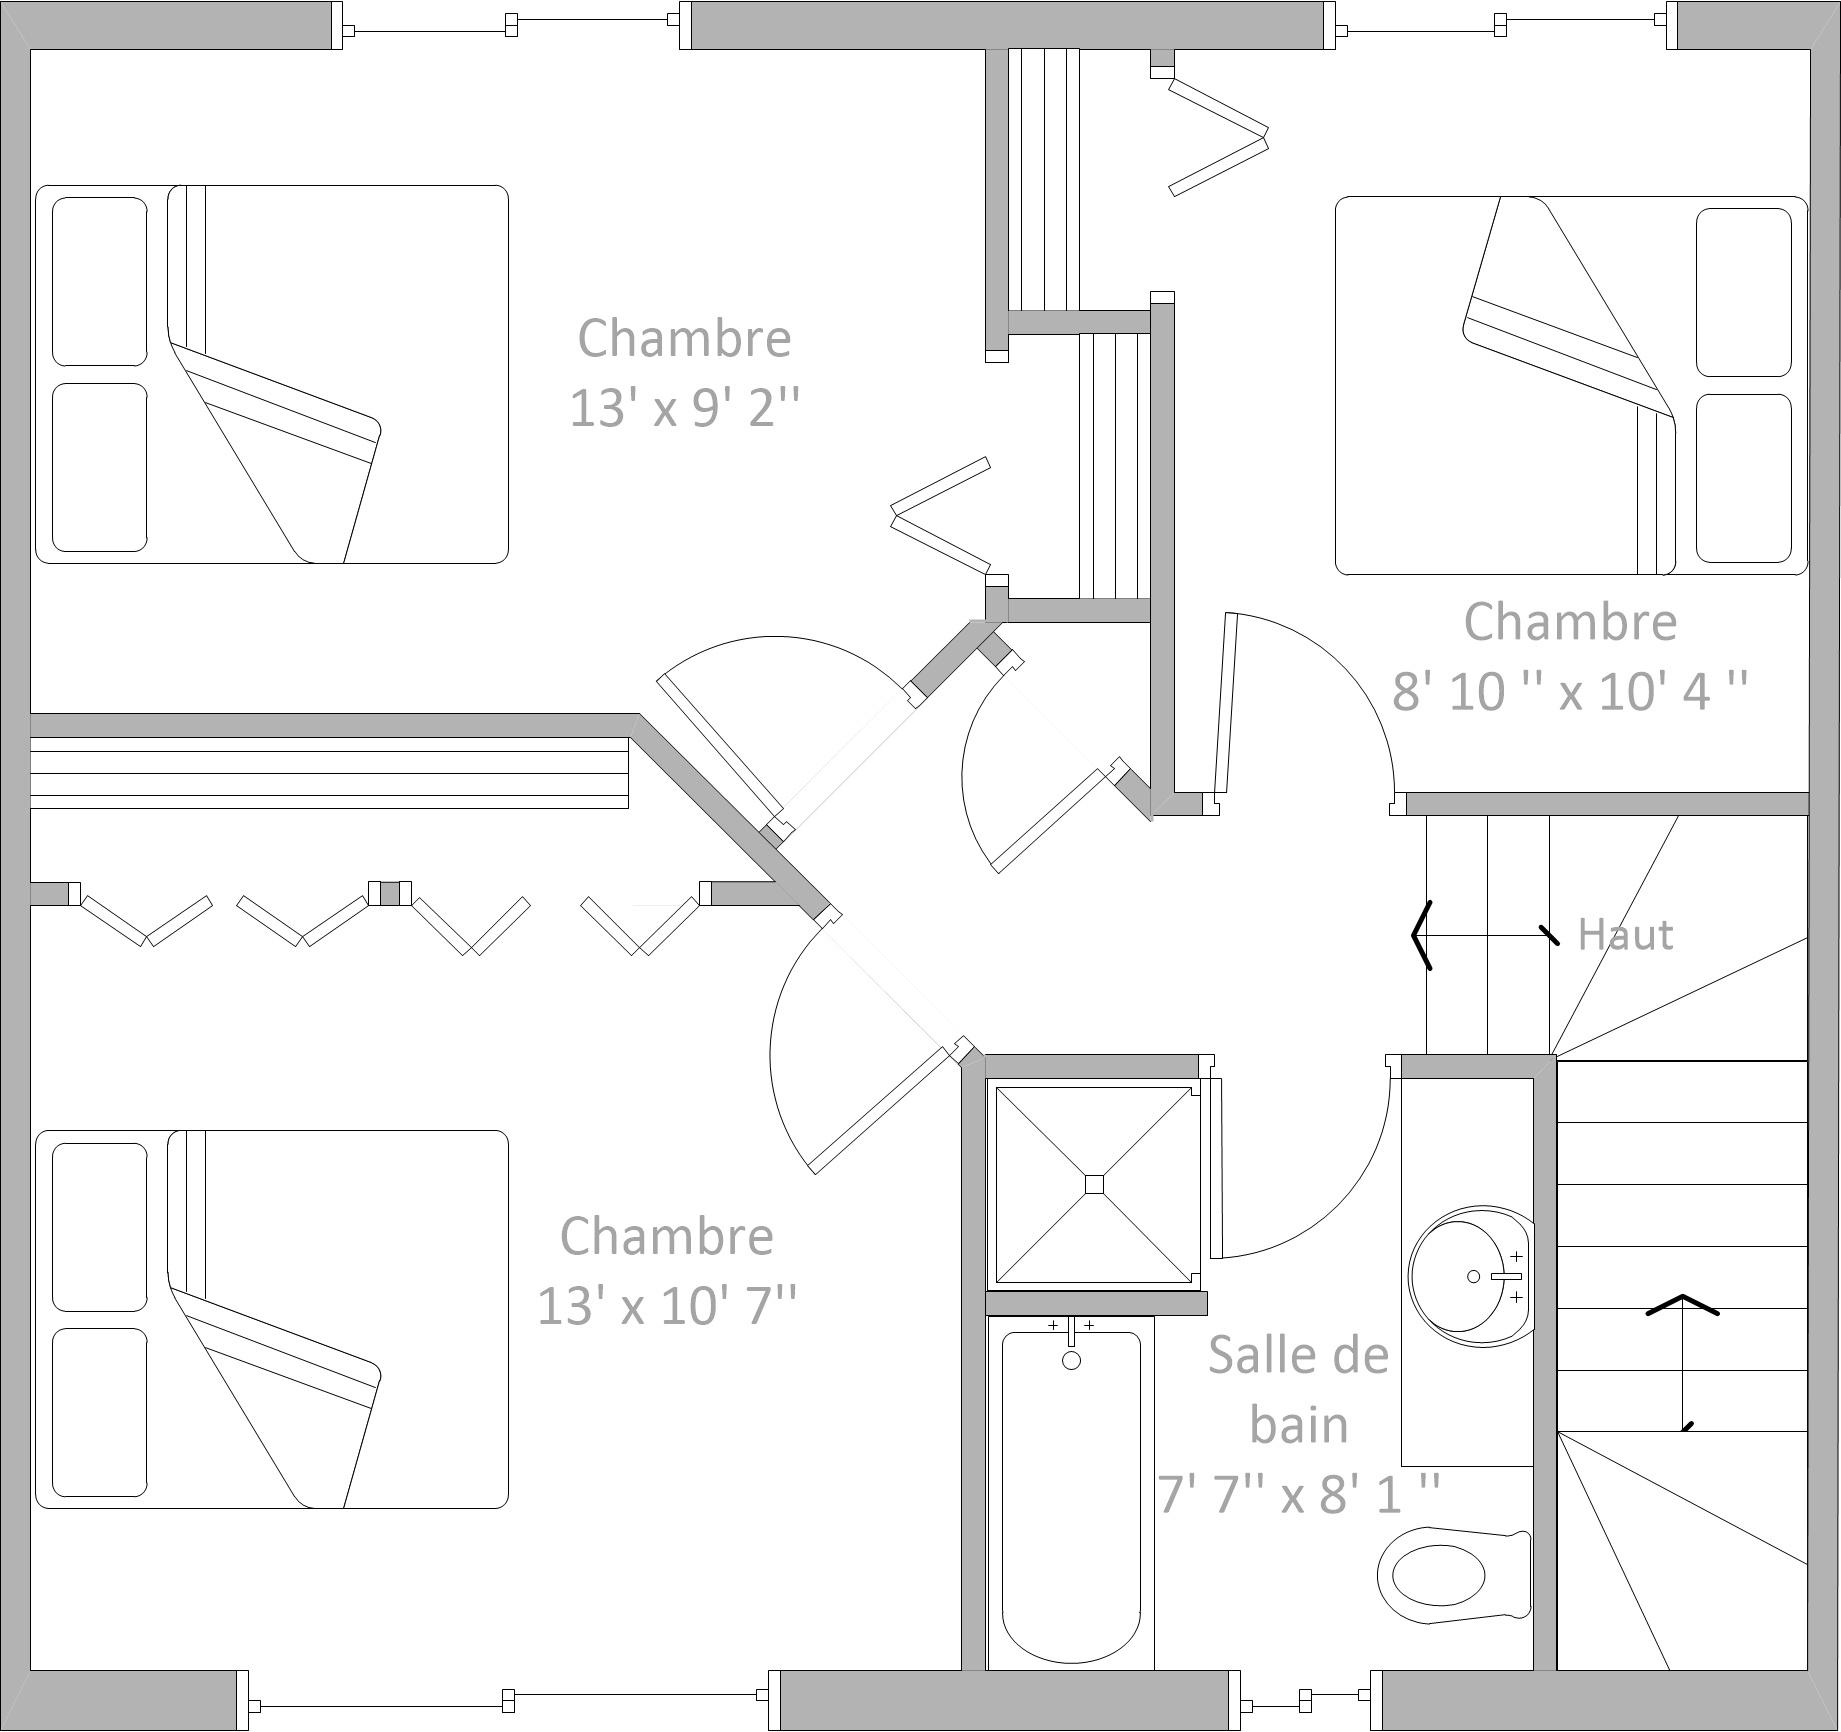 https://0901.nccdn.net/4_2/000/000/04d/e26/Plan-etage-1841x1732.jpg